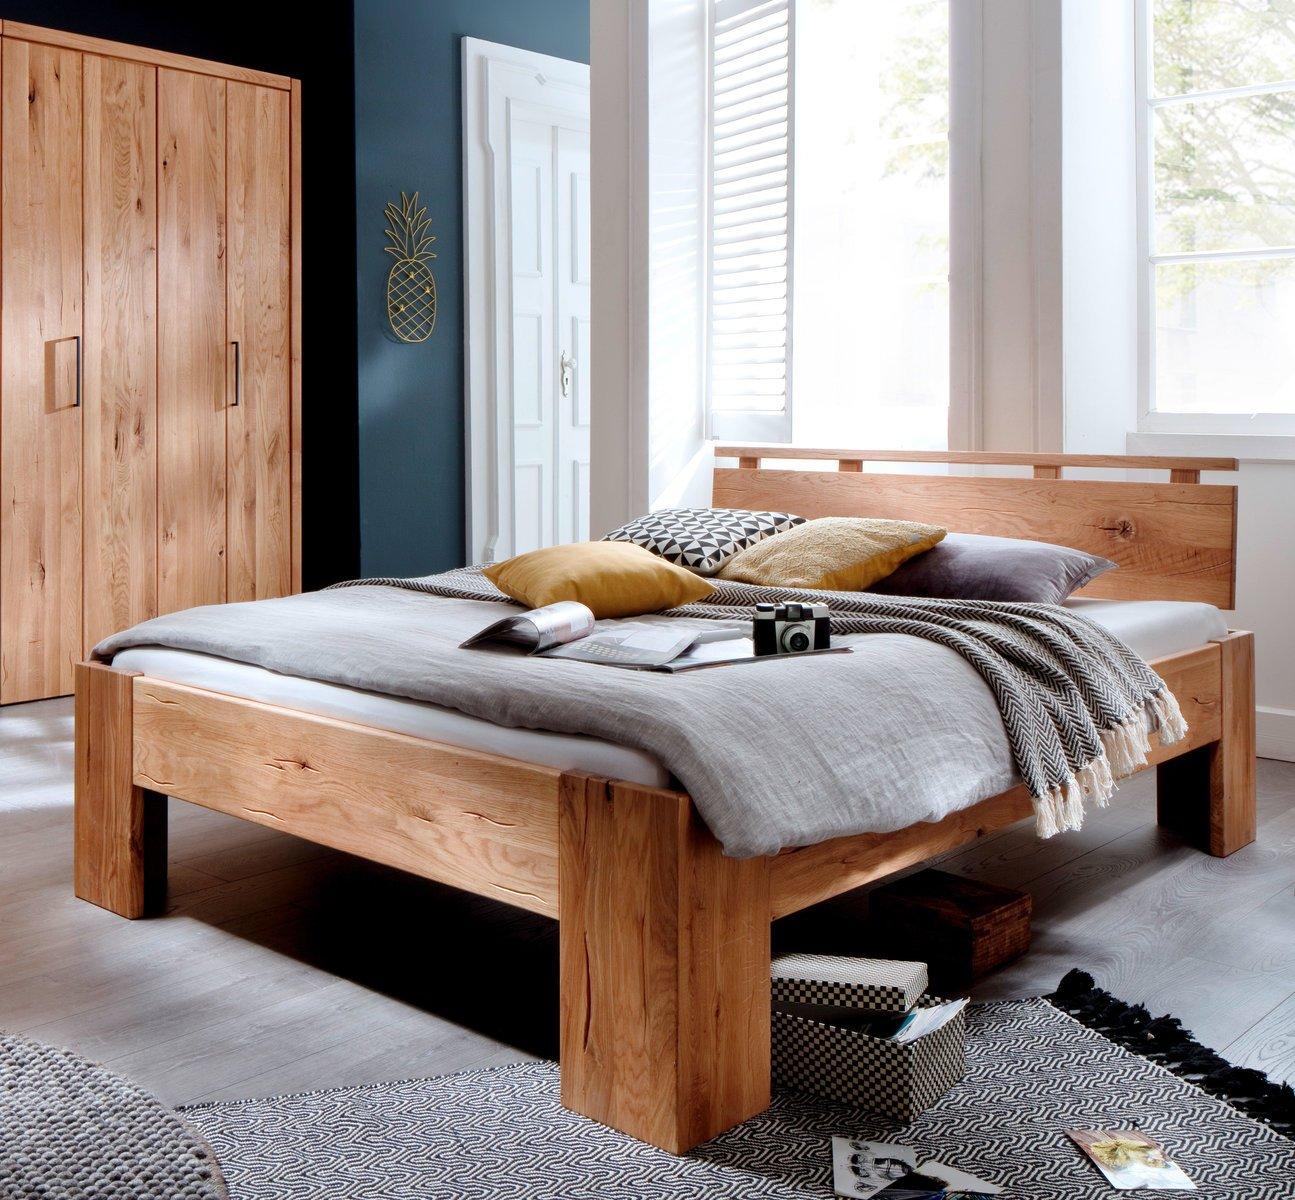 Schlafzimmer Doppelbett Wildeiche Massivholz Rodemis Ii Von Lars Olesen Gunstig Bestellen Skanmobler